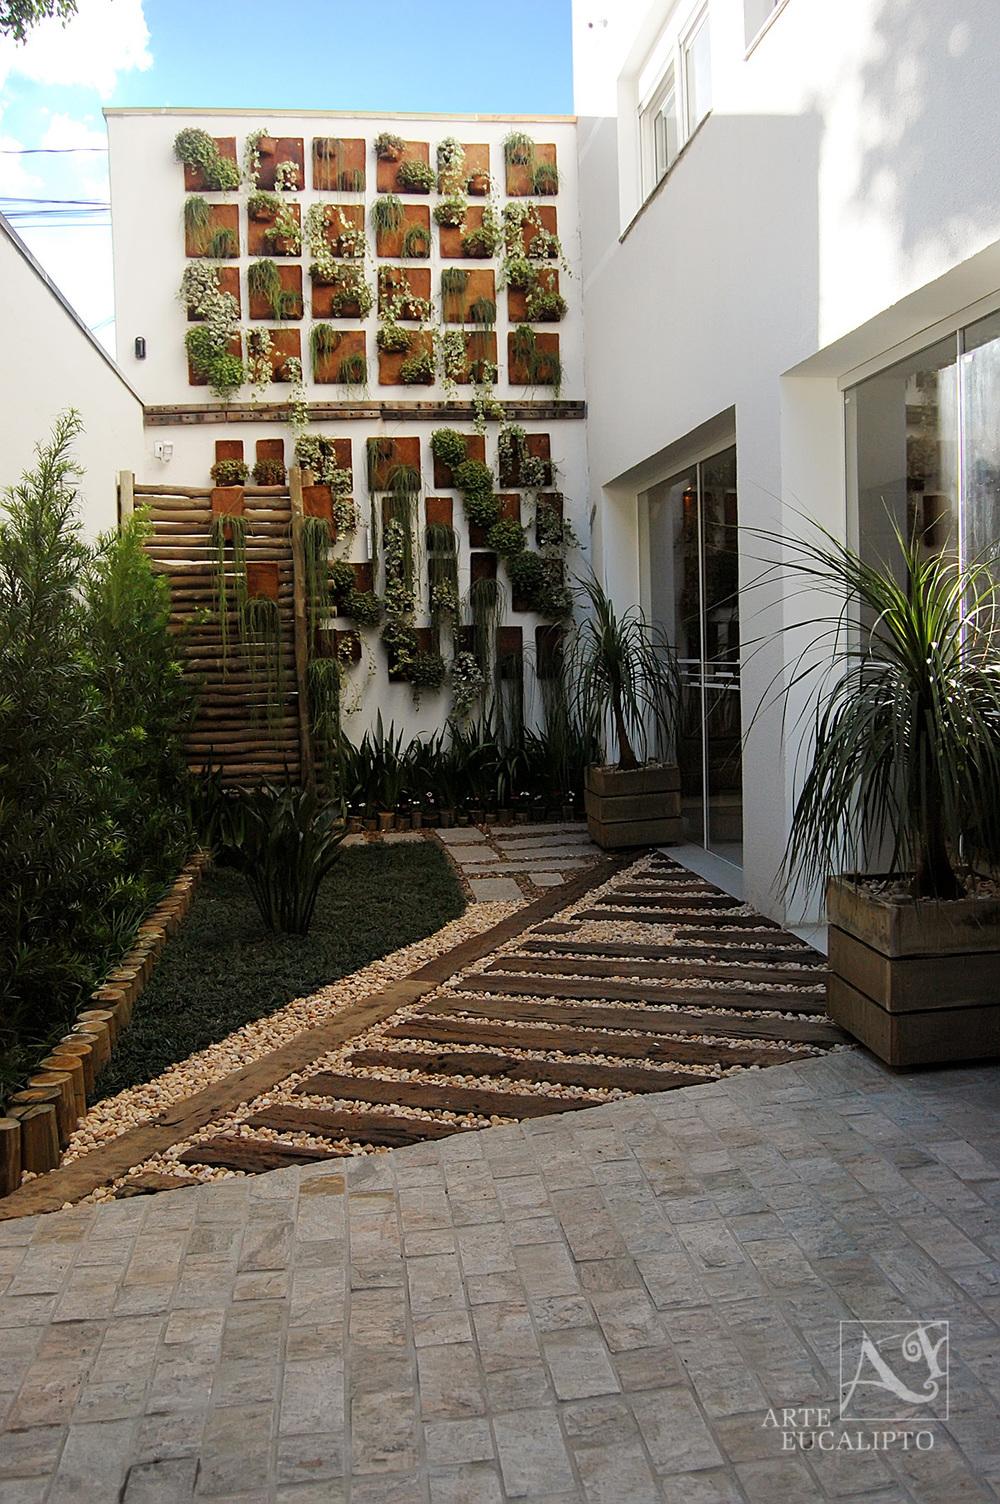 Ambiente compondo troncos de Eucalipto autoclavado + dormente de reciclagem , Bigorrilho Curitiba - Pr